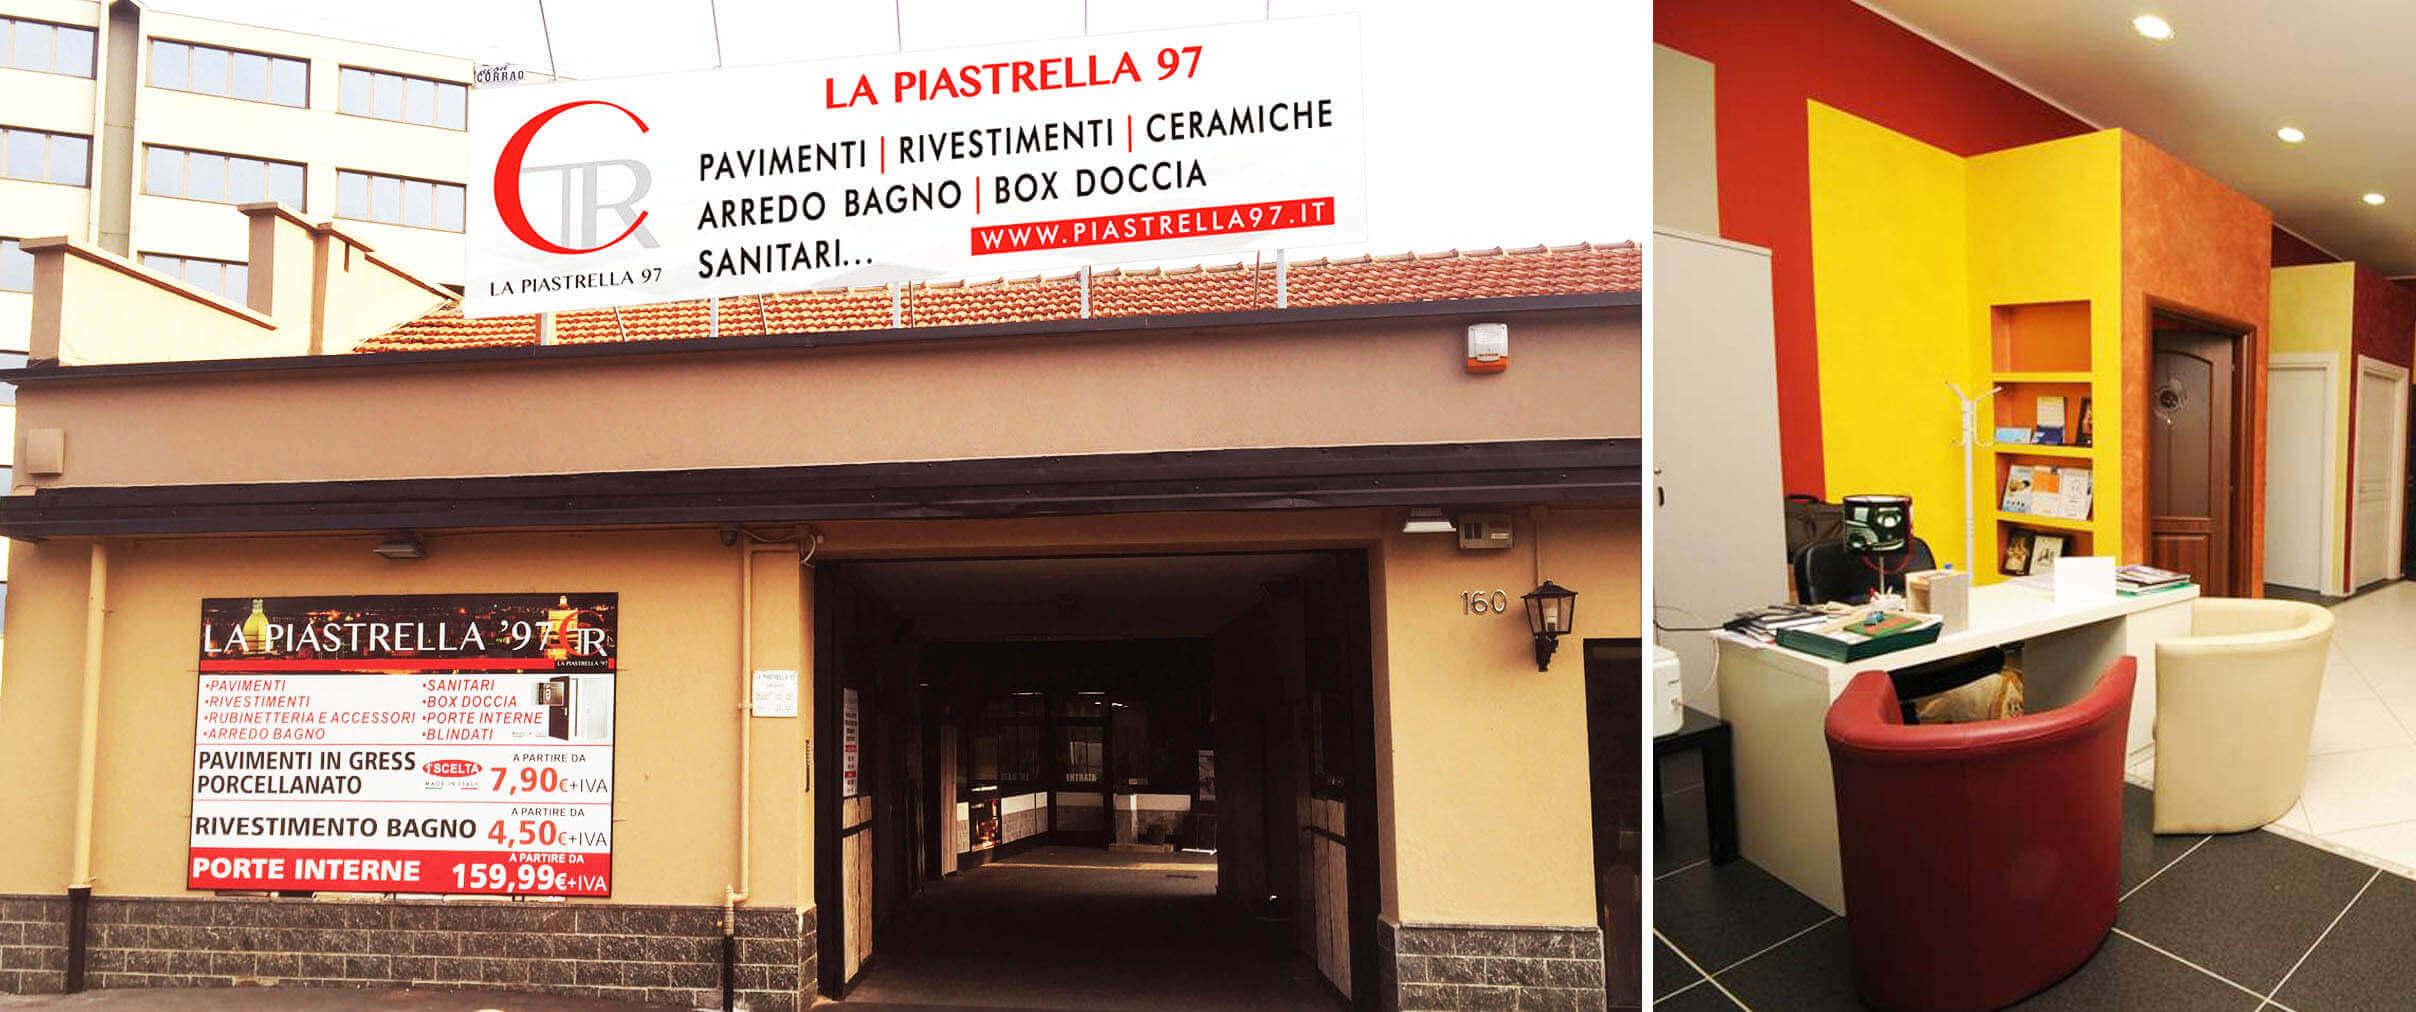 la piastrella 97 - Arredo Bagno Via Pietro Cossa Torino